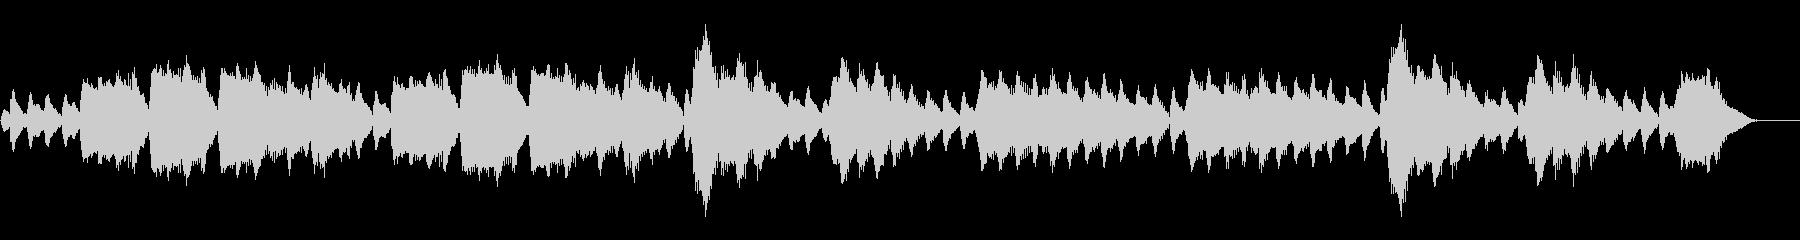 テルミンによる怪しいお化け風なサティの曲の未再生の波形